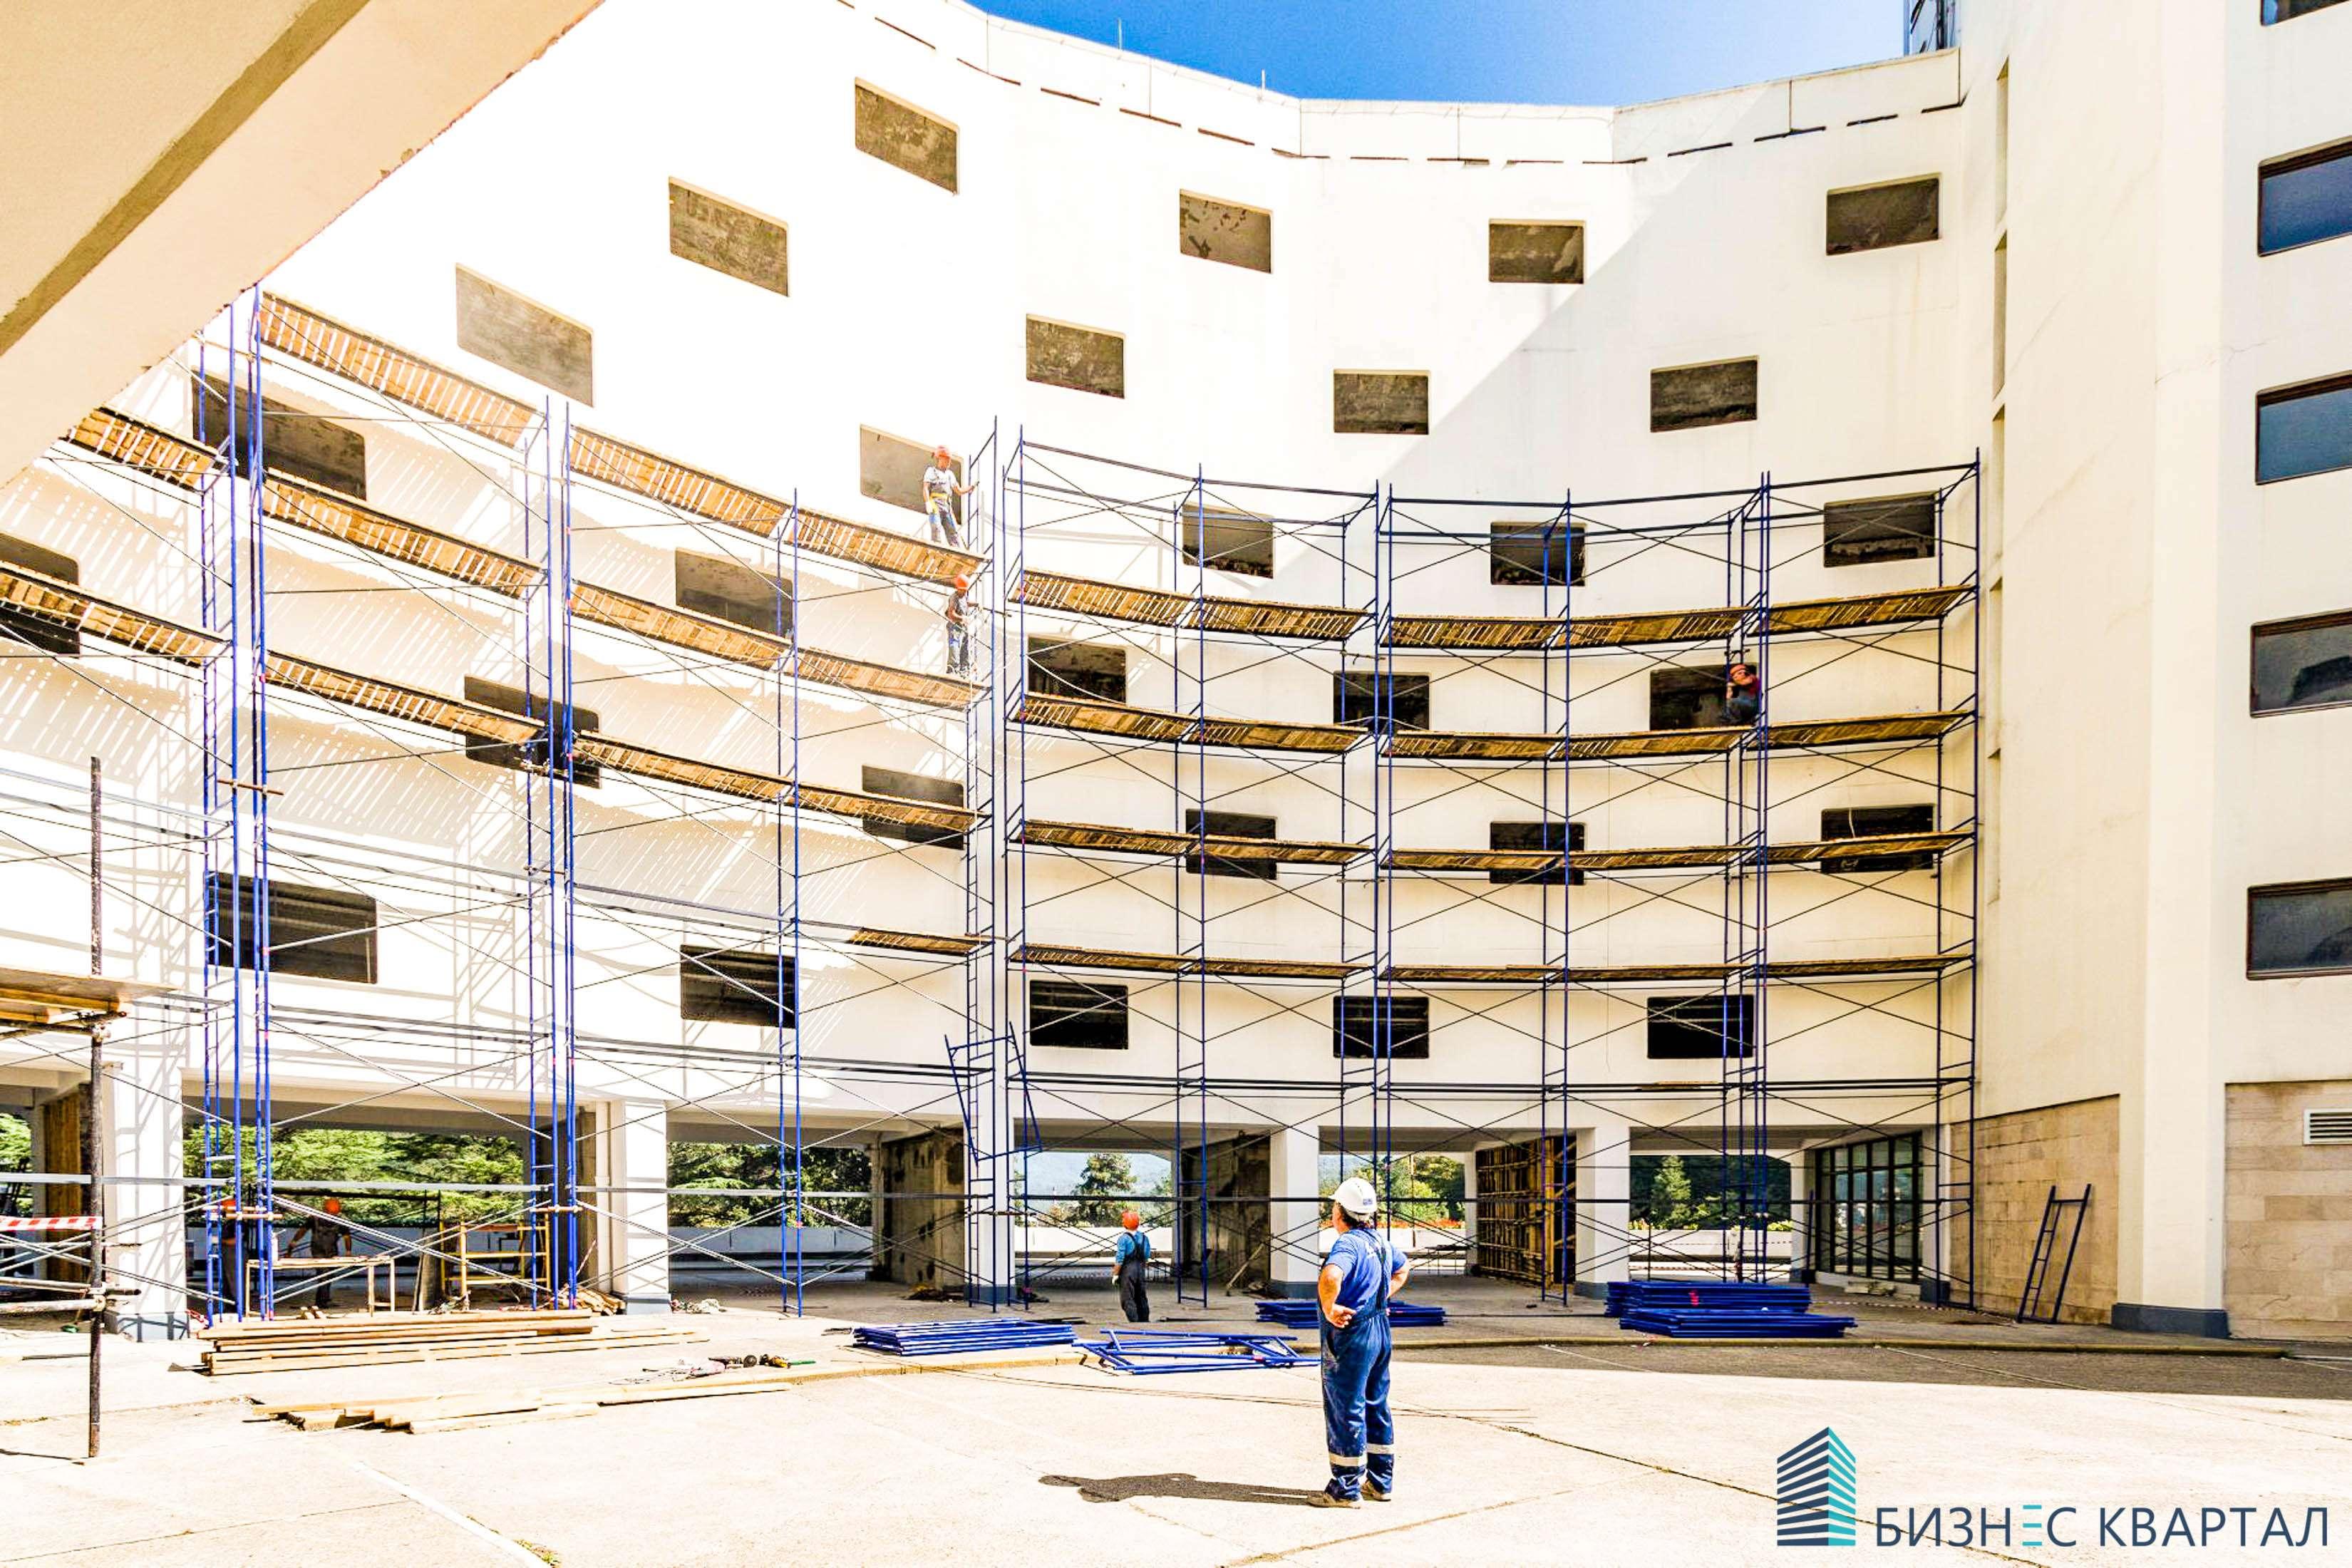 Двухкомнатные апартаменты с ремонтом и мебелью в Сочи - image gotovye-apartamenty-v-sochi-9 on https://bizneskvartal.ru